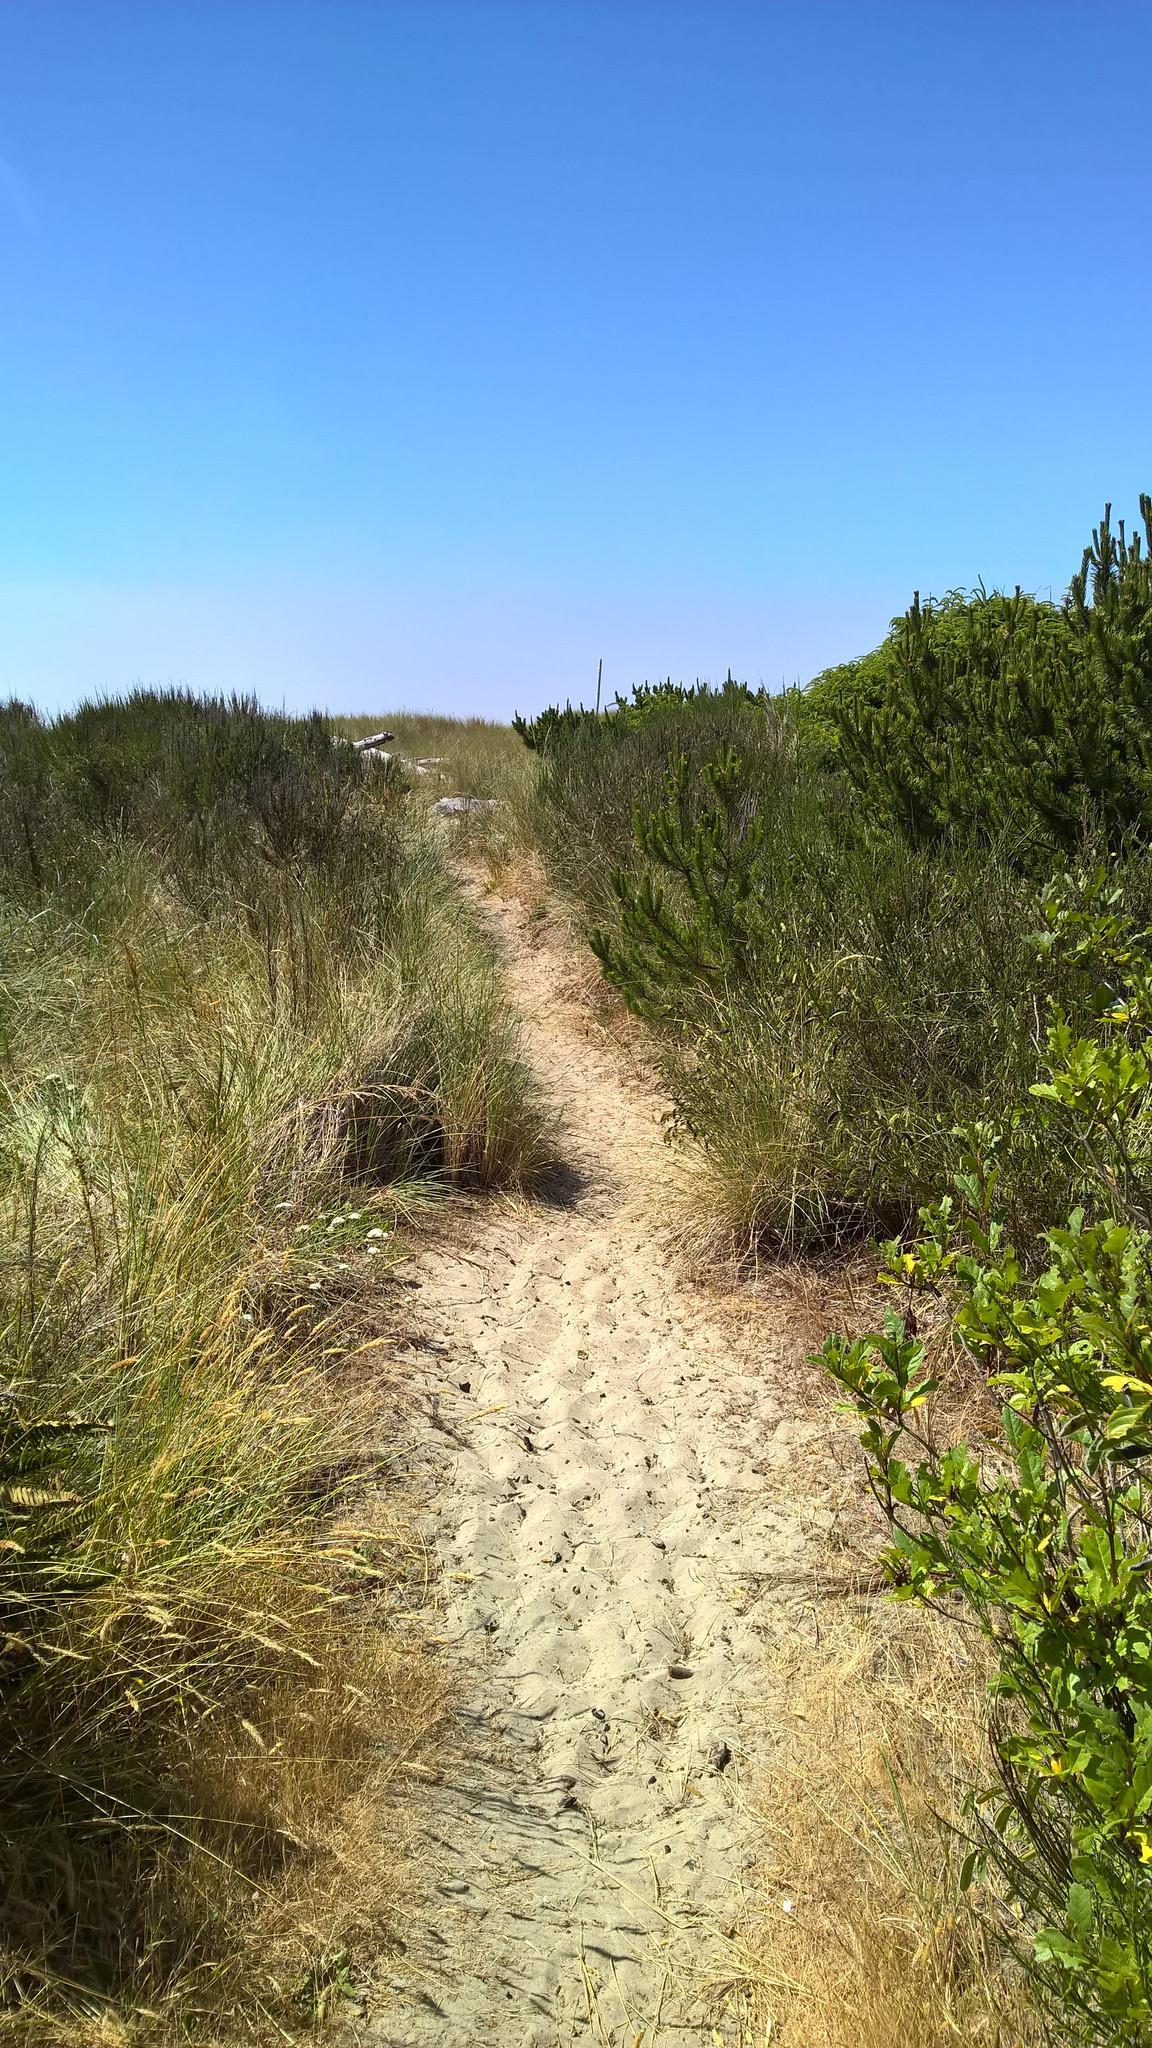 20150701b Path to the beach